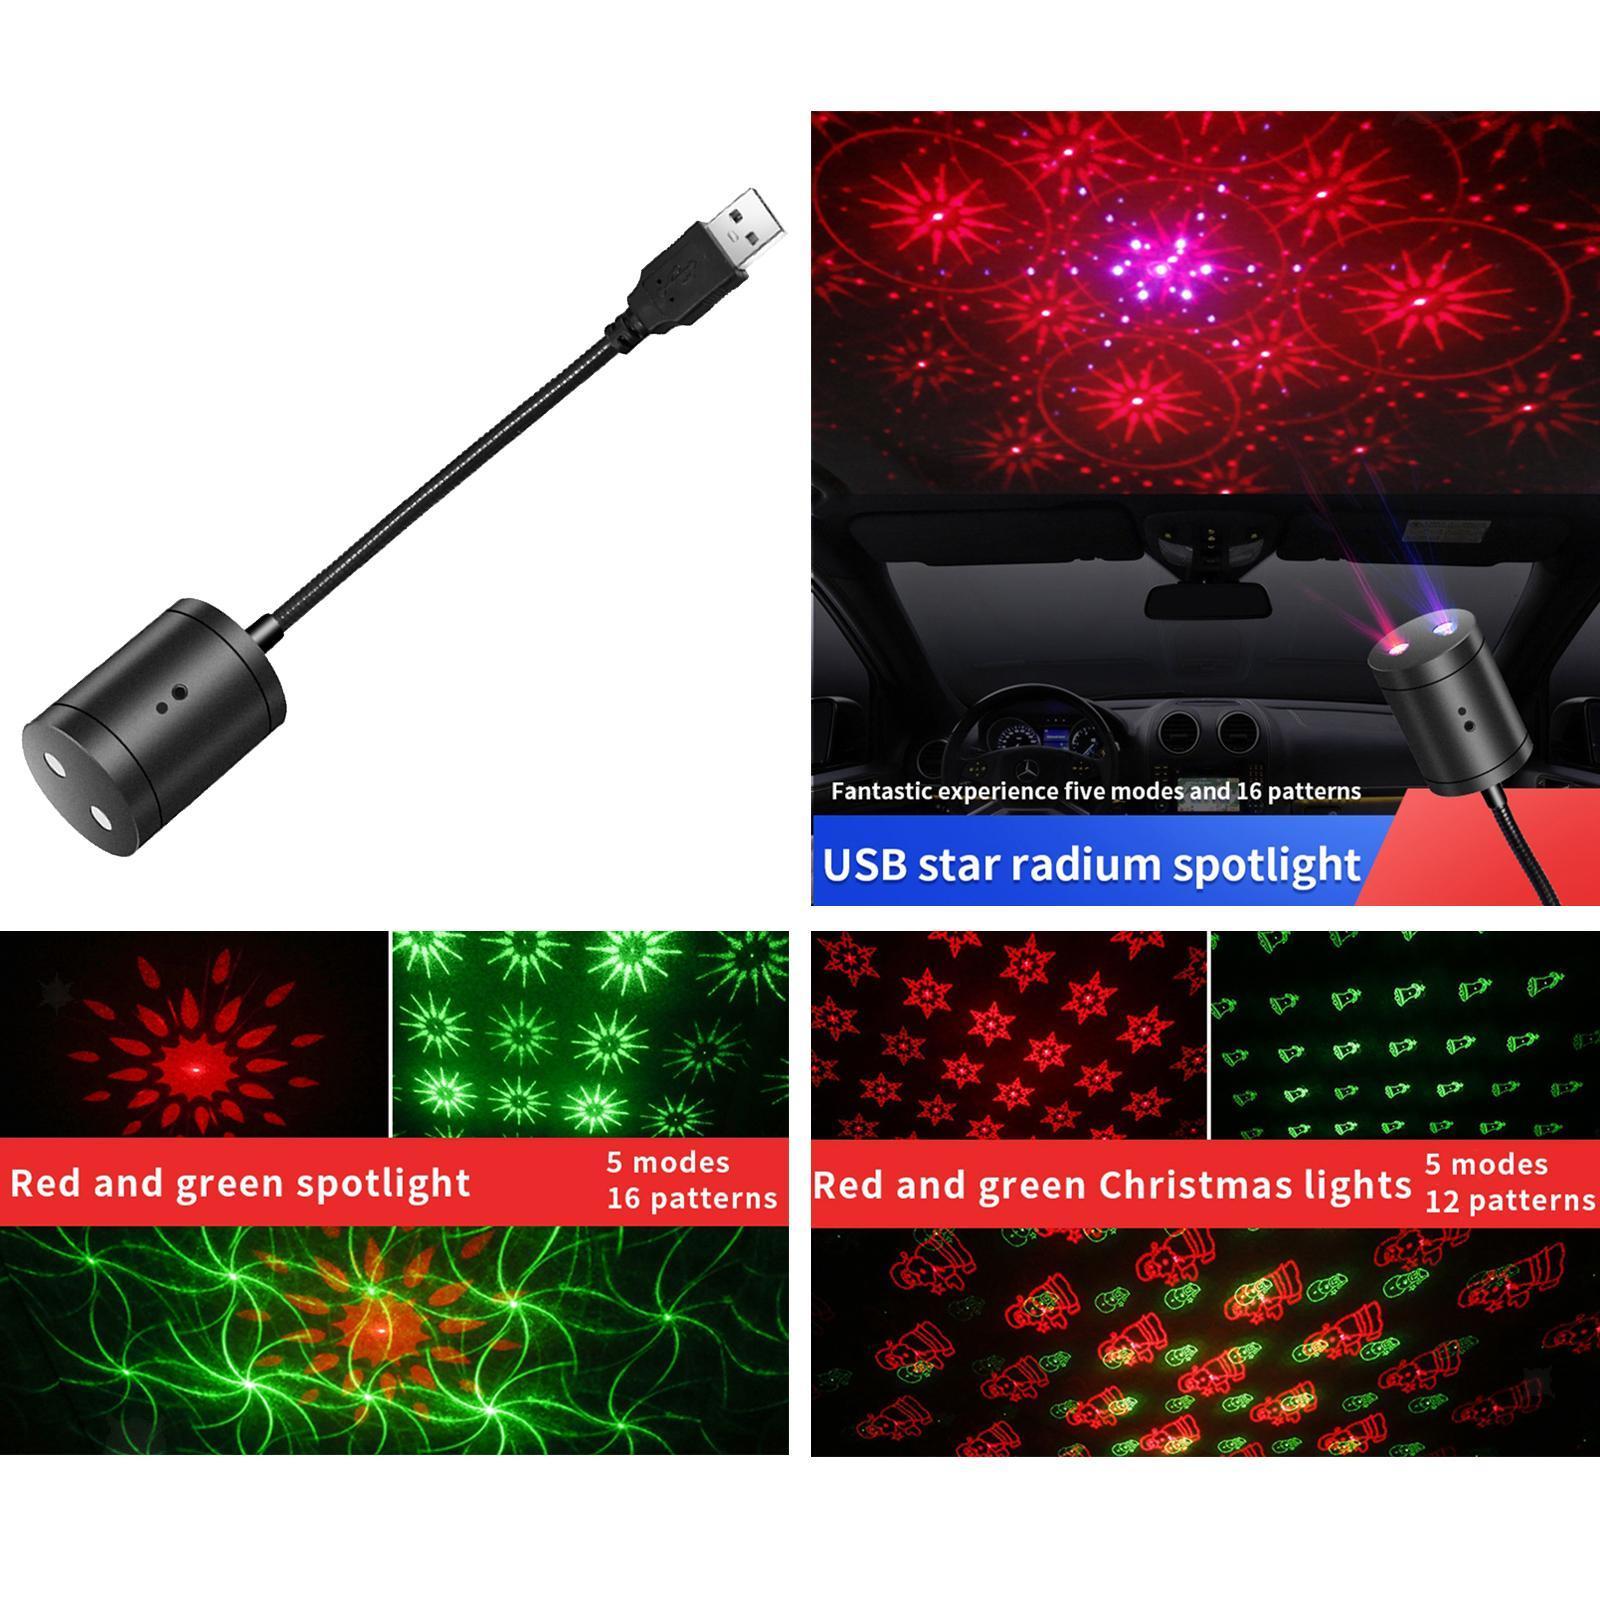 Proiettore-della-stella-Della-Luce-di-Notte-USB-Luce-di-Notte-Luci-Interne miniatura 10